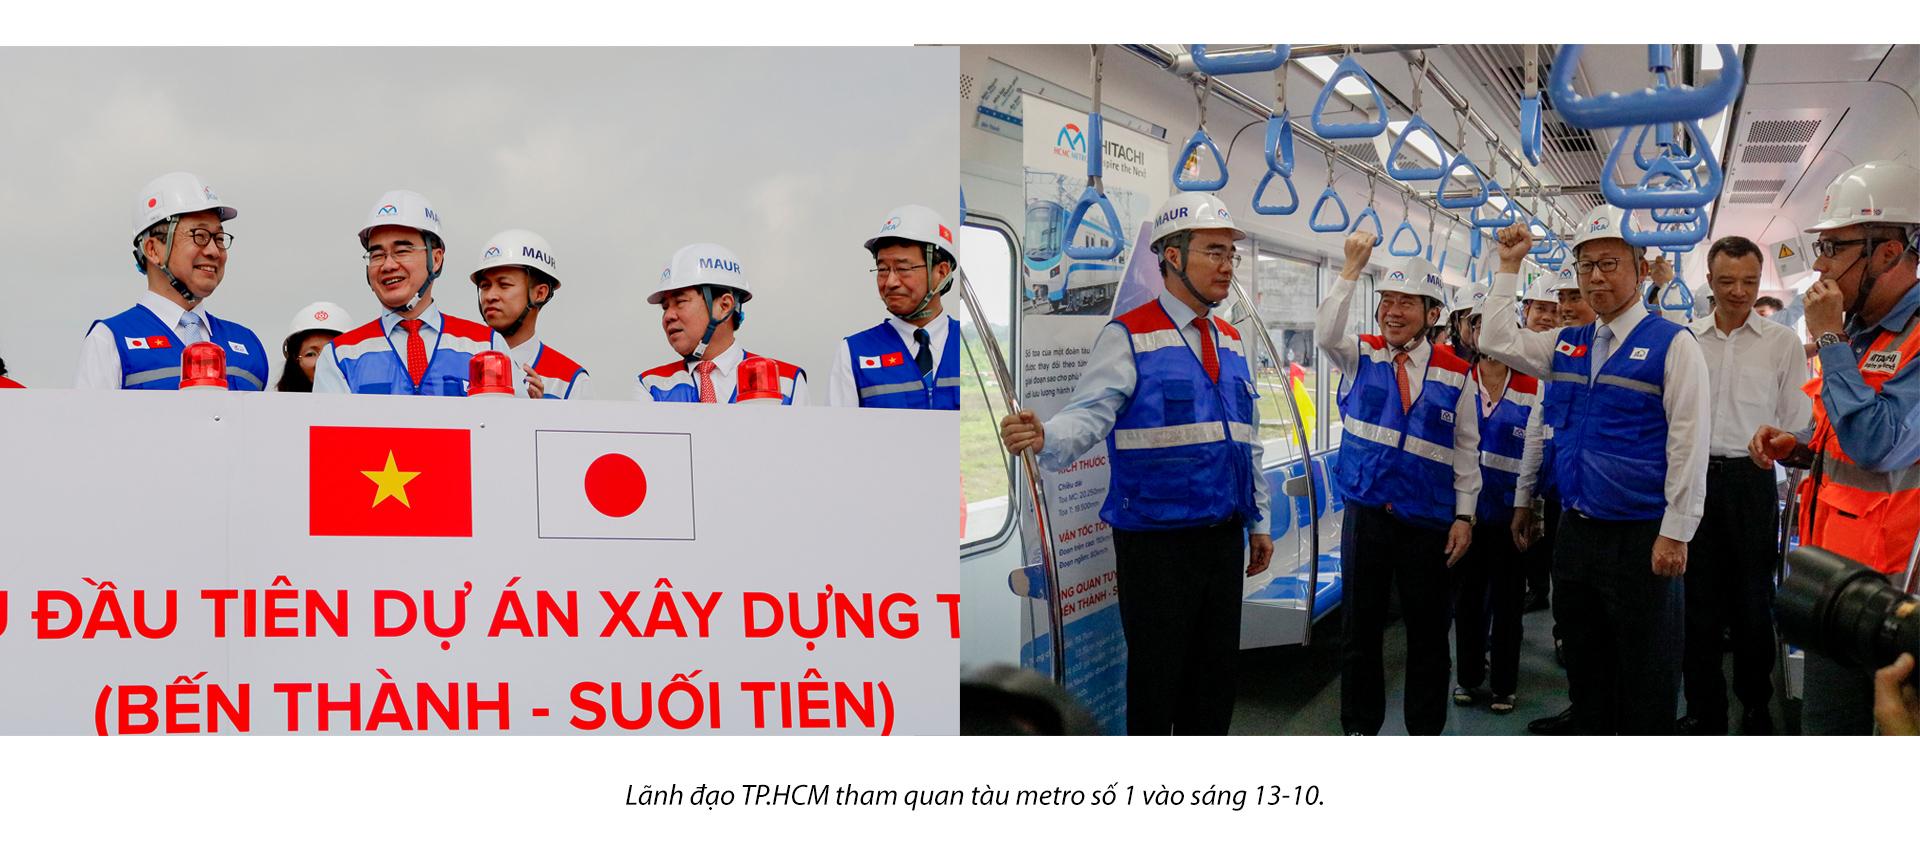 Emagazine: 5 thành tựu lớn của TP.HCM trong nhiệm kỳ 2015-2020 - ảnh 15